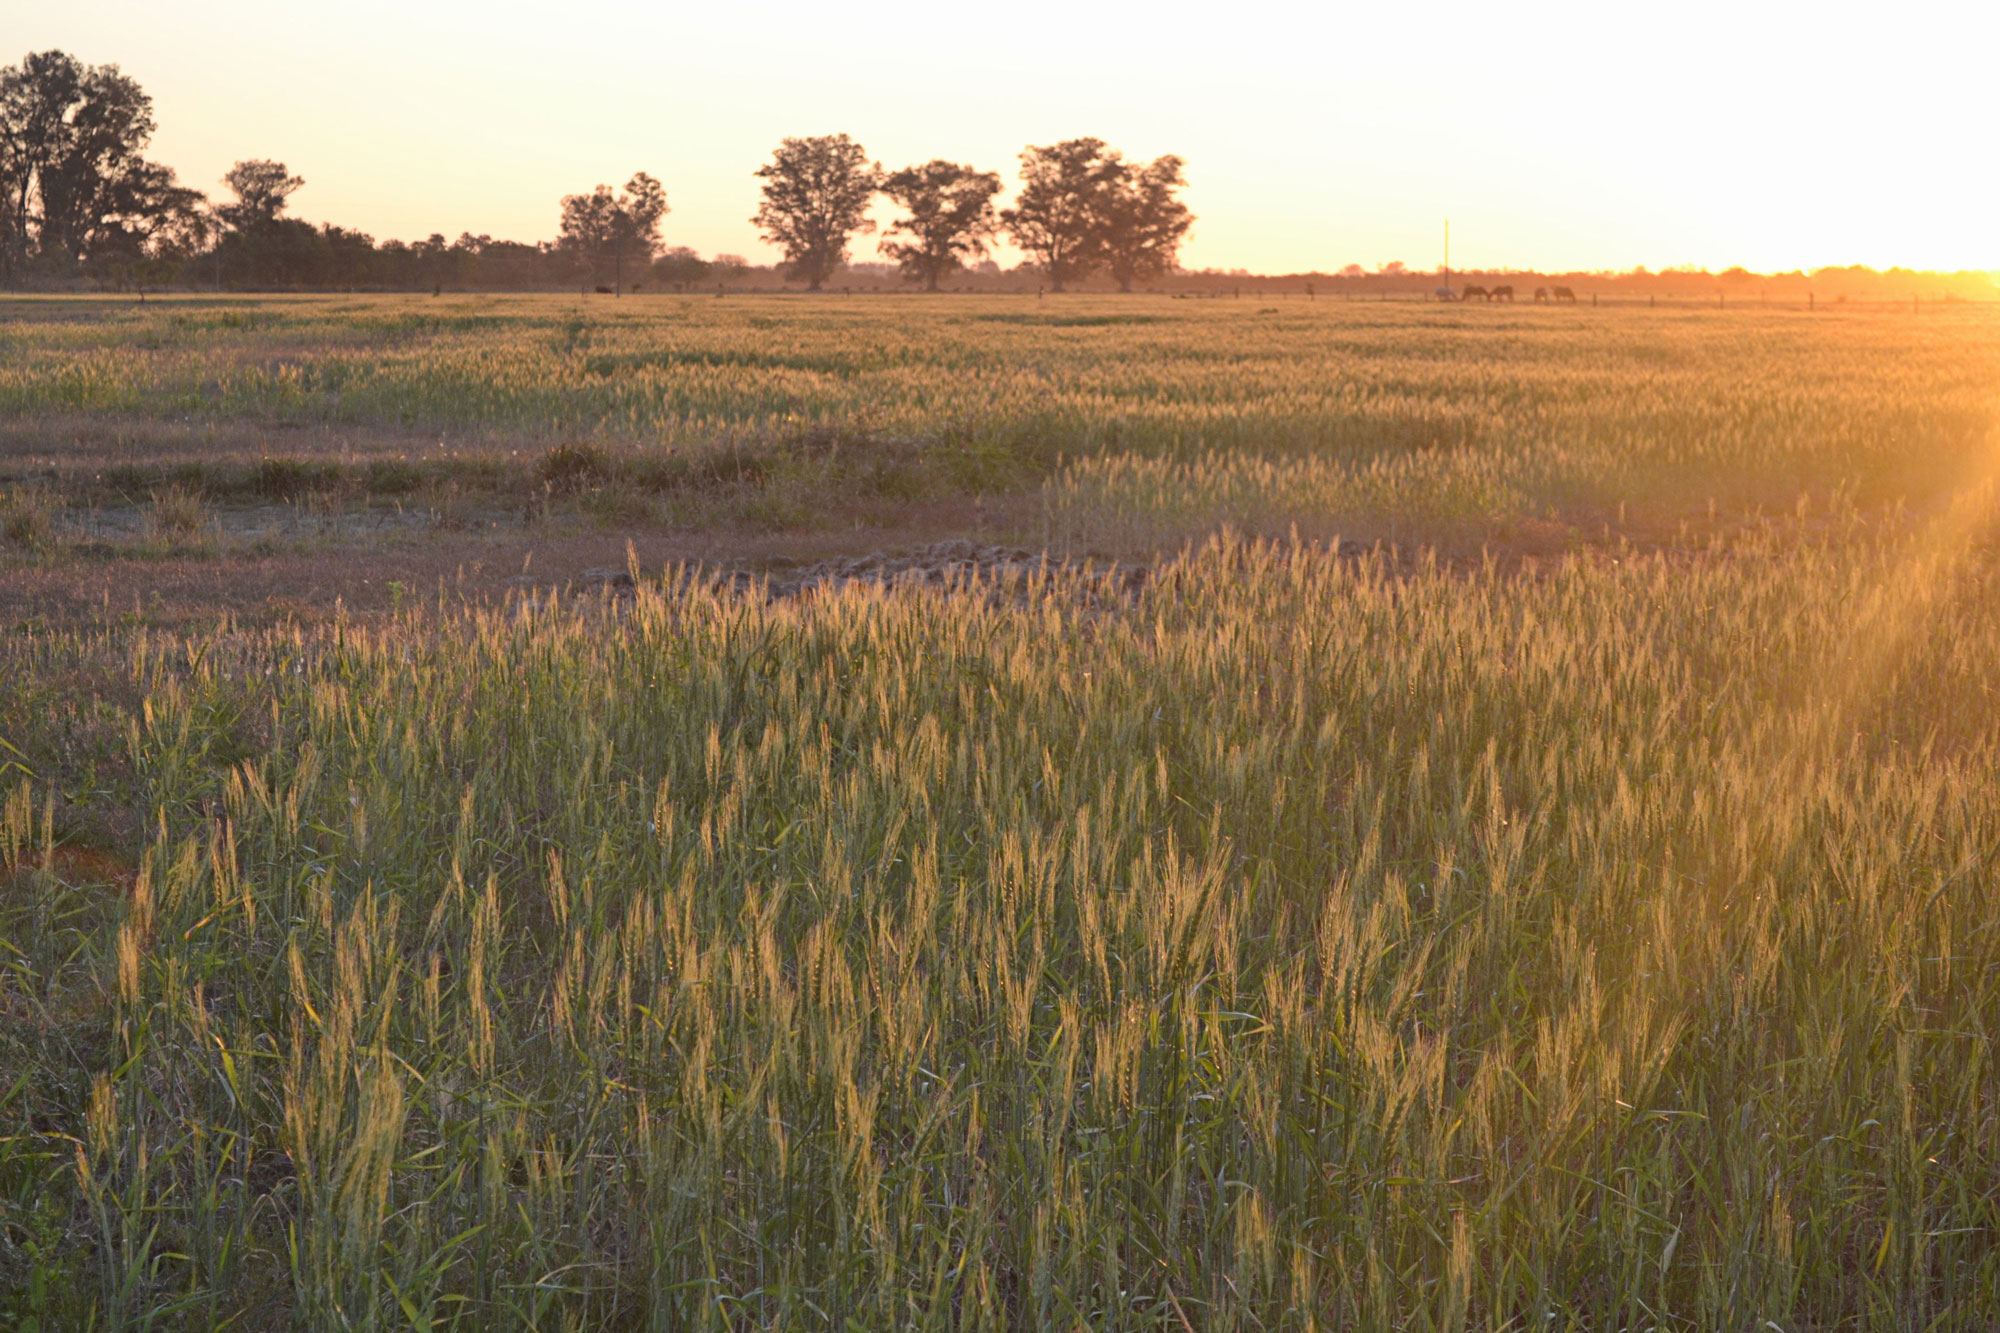 En tierras difíciles para cultivar cereales y sin usar venenos, los vecinos de Hersilia lograron que el trigo crezca. Foto: Violeta Pagani.